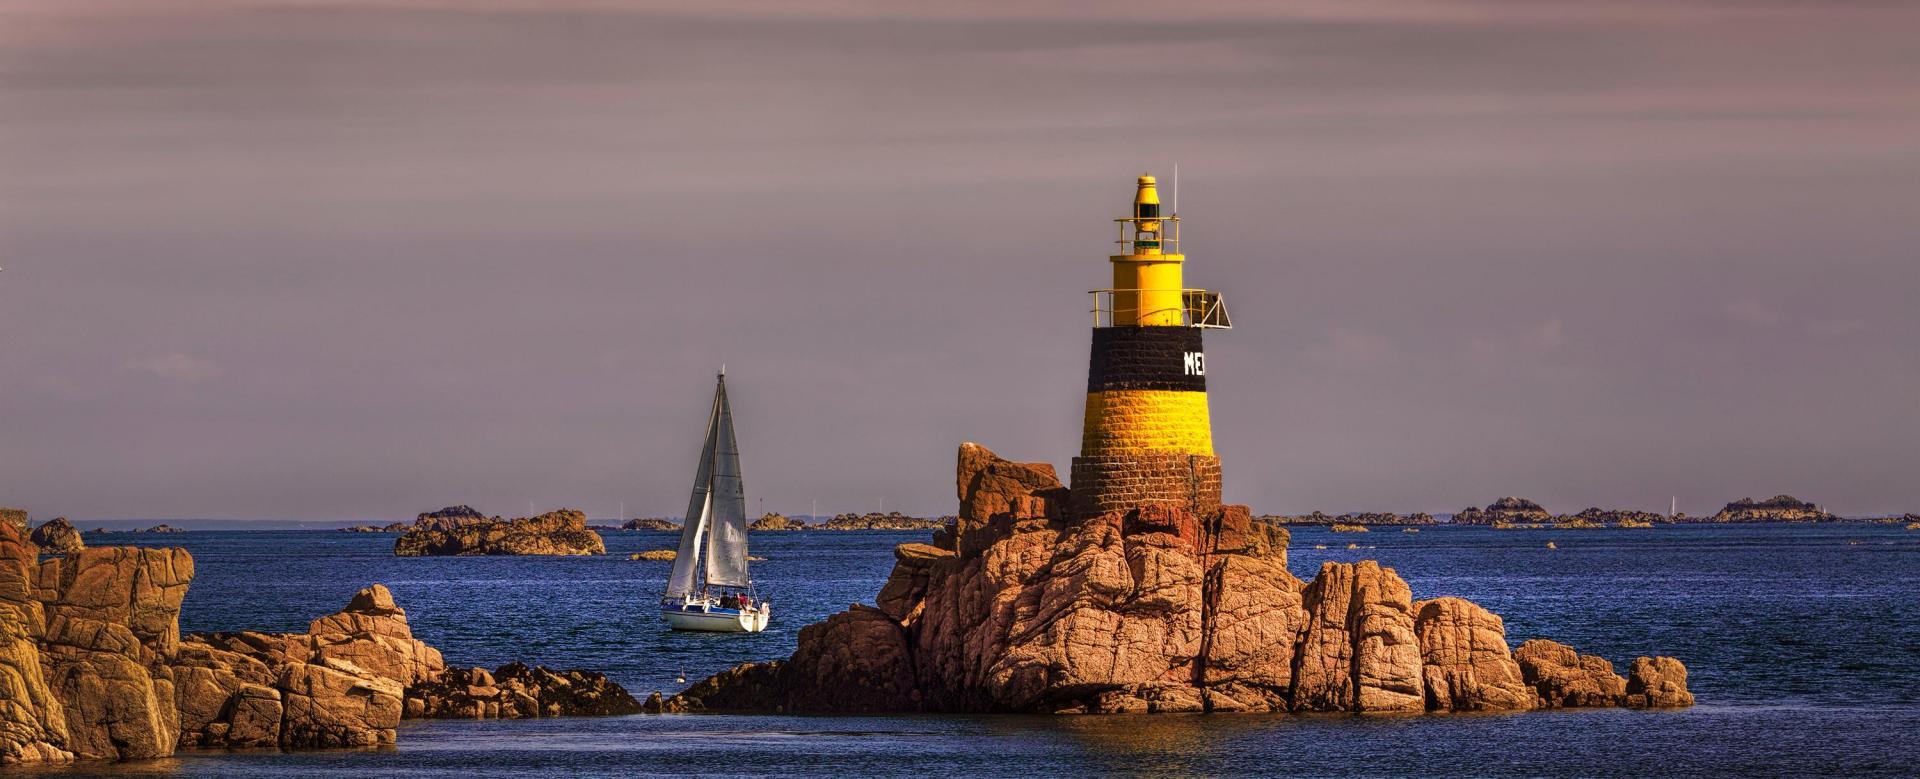 Voyage à pied : Bretagne : Réveillon breton